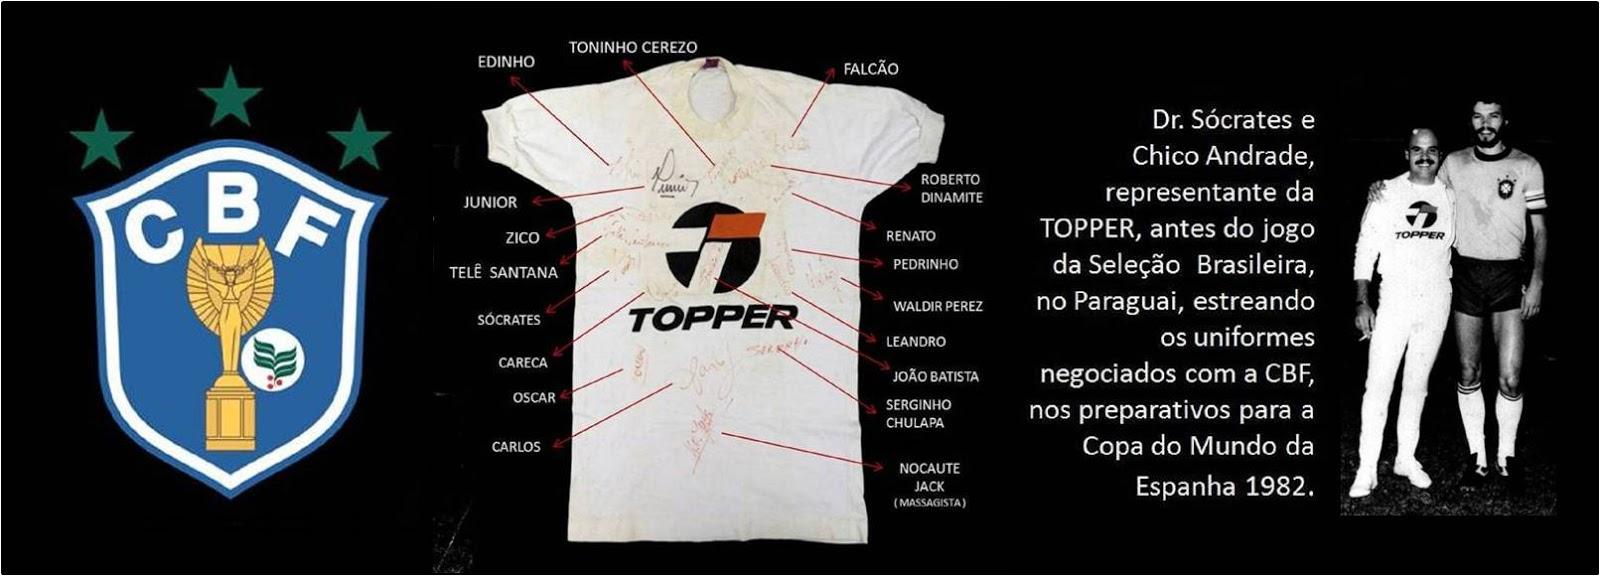 Camisa TOPPER Autografada Pela SELEÇÃO BRASILEIRA de 1982 - Antiguidades  CASA DO VELHO eec9a4f099589